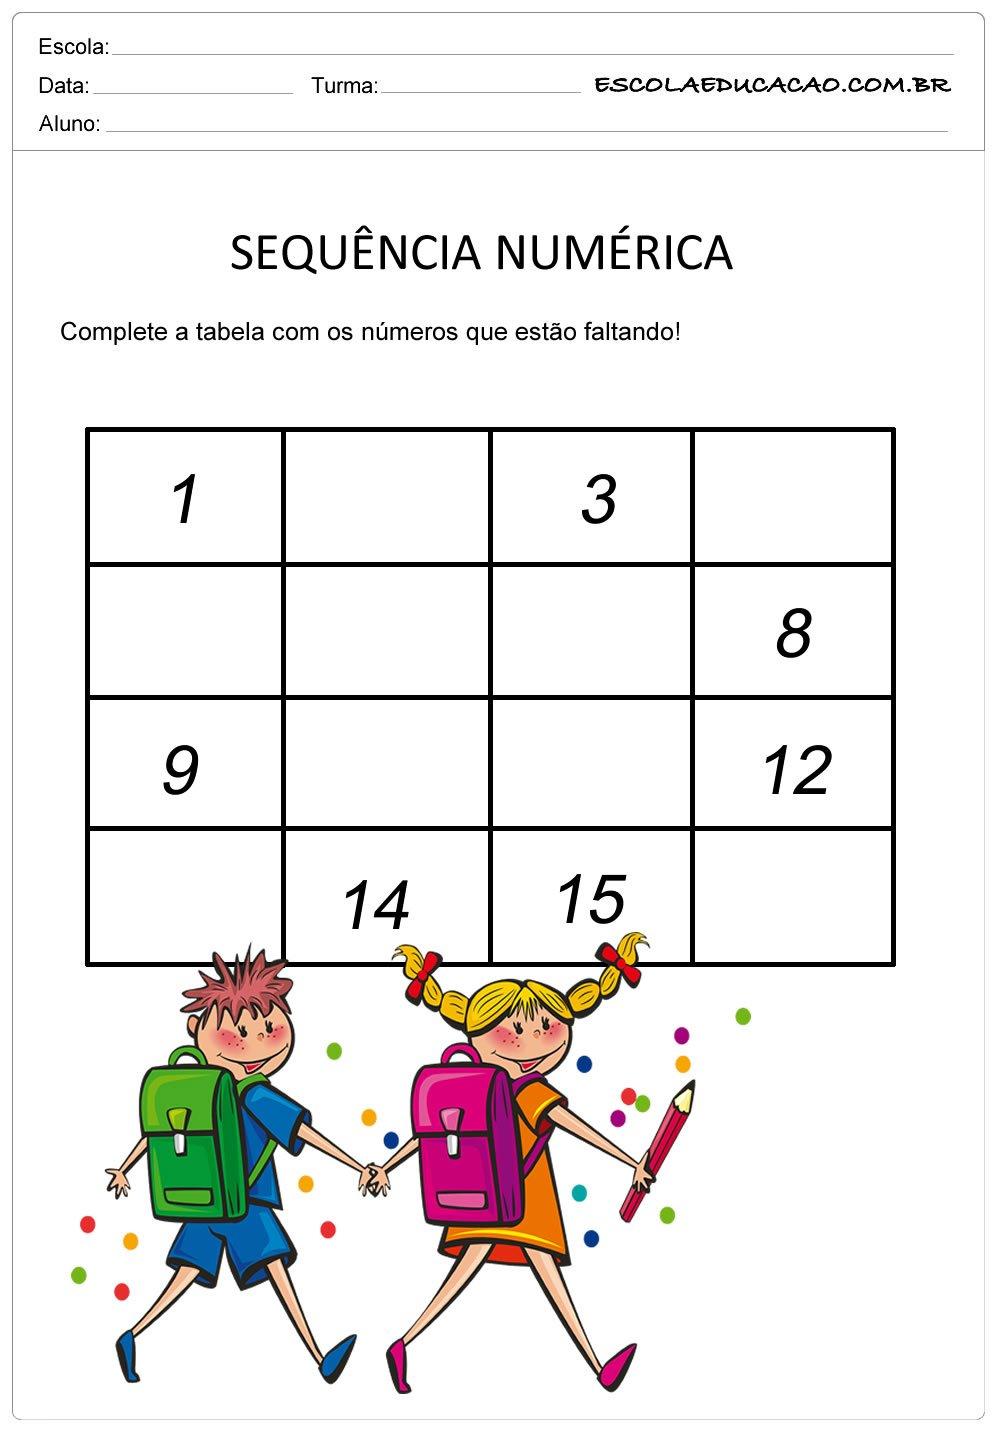 Atividade Sequência Numérica – Tabela para Completar